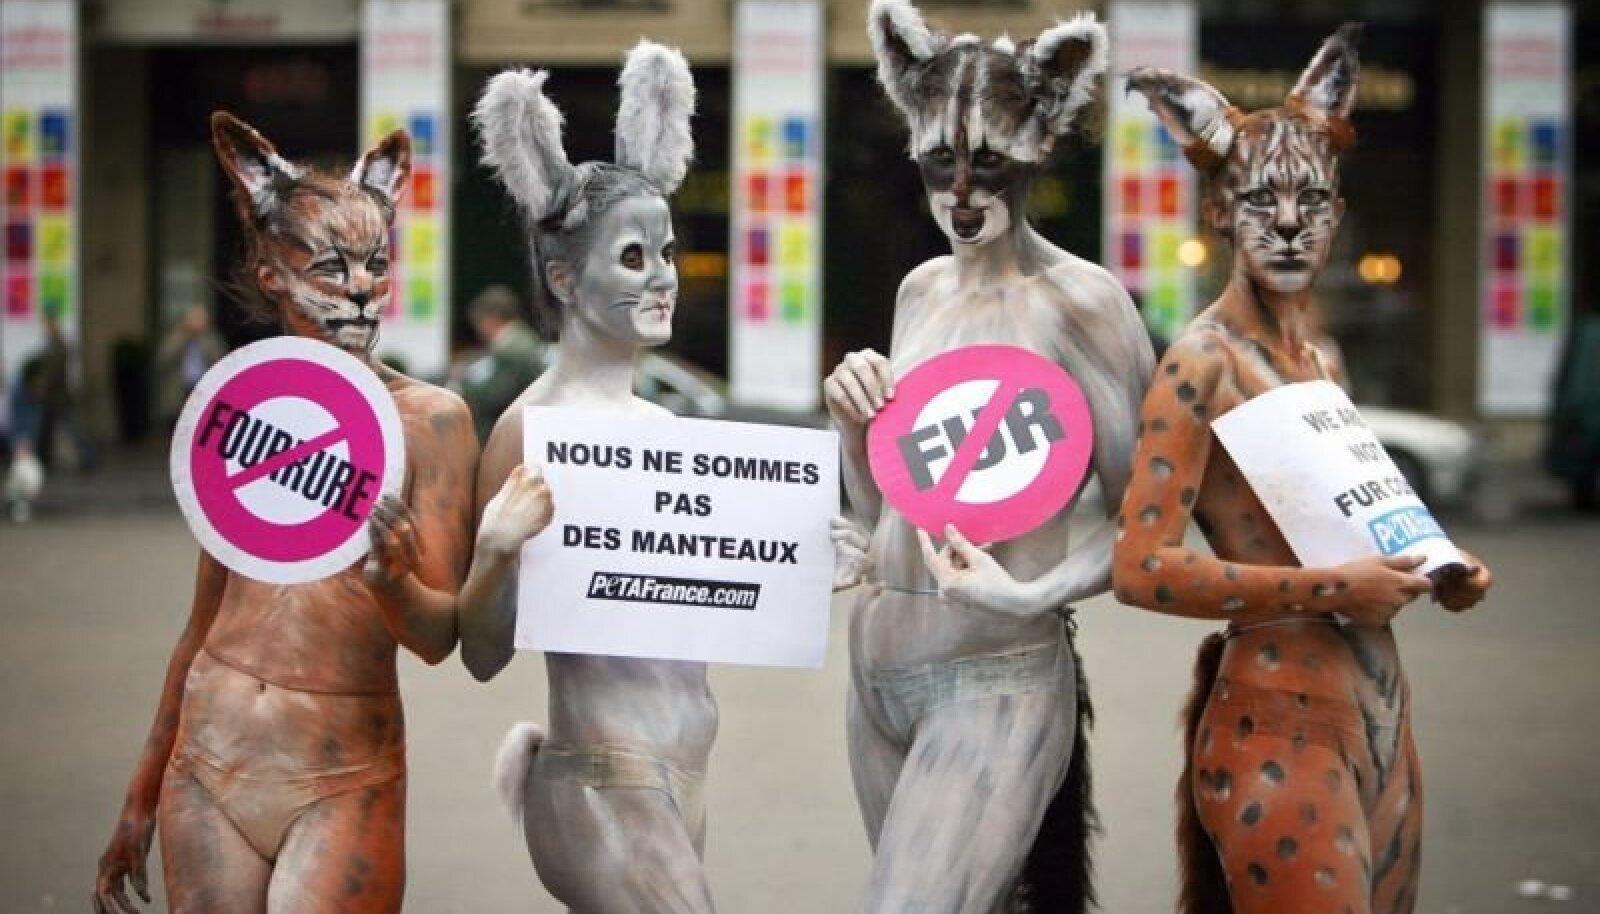 """""""Нет меху"""". """"Мы не шубы"""" - Протесты защитников прав животных в Париже против использования меха модными домами. 2007 год"""